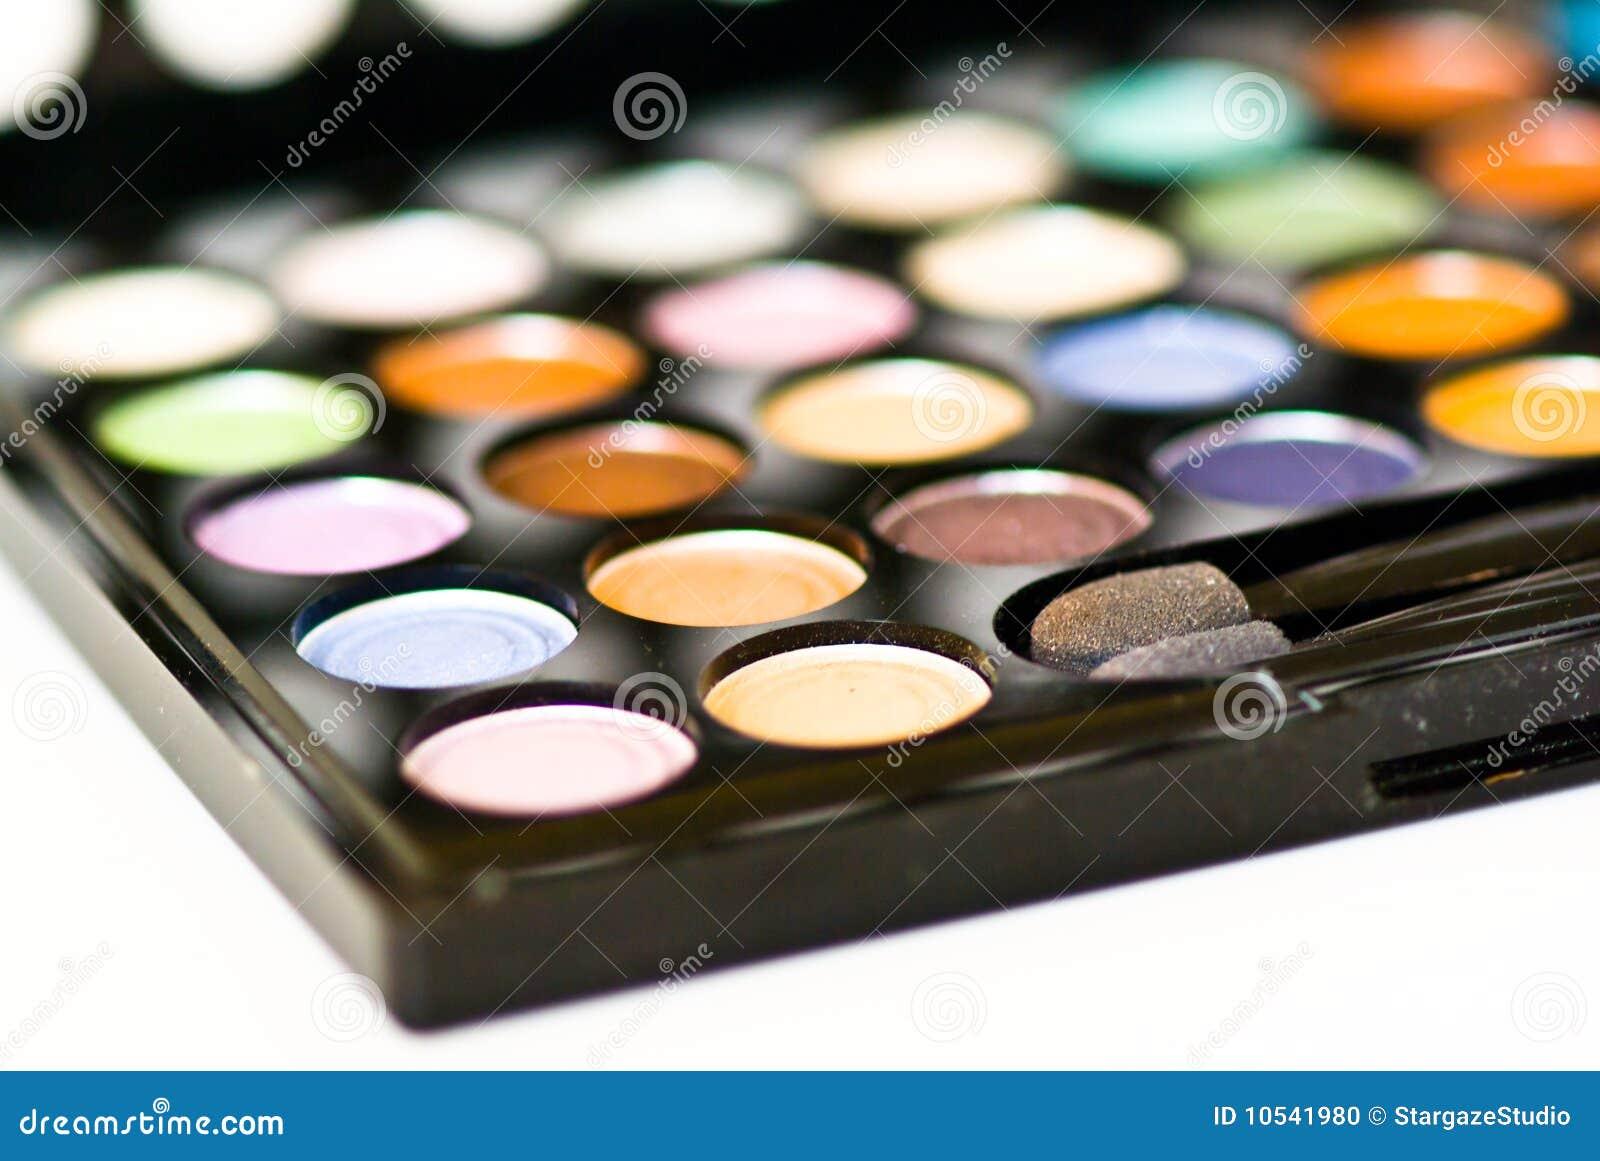 De make-up van het oog